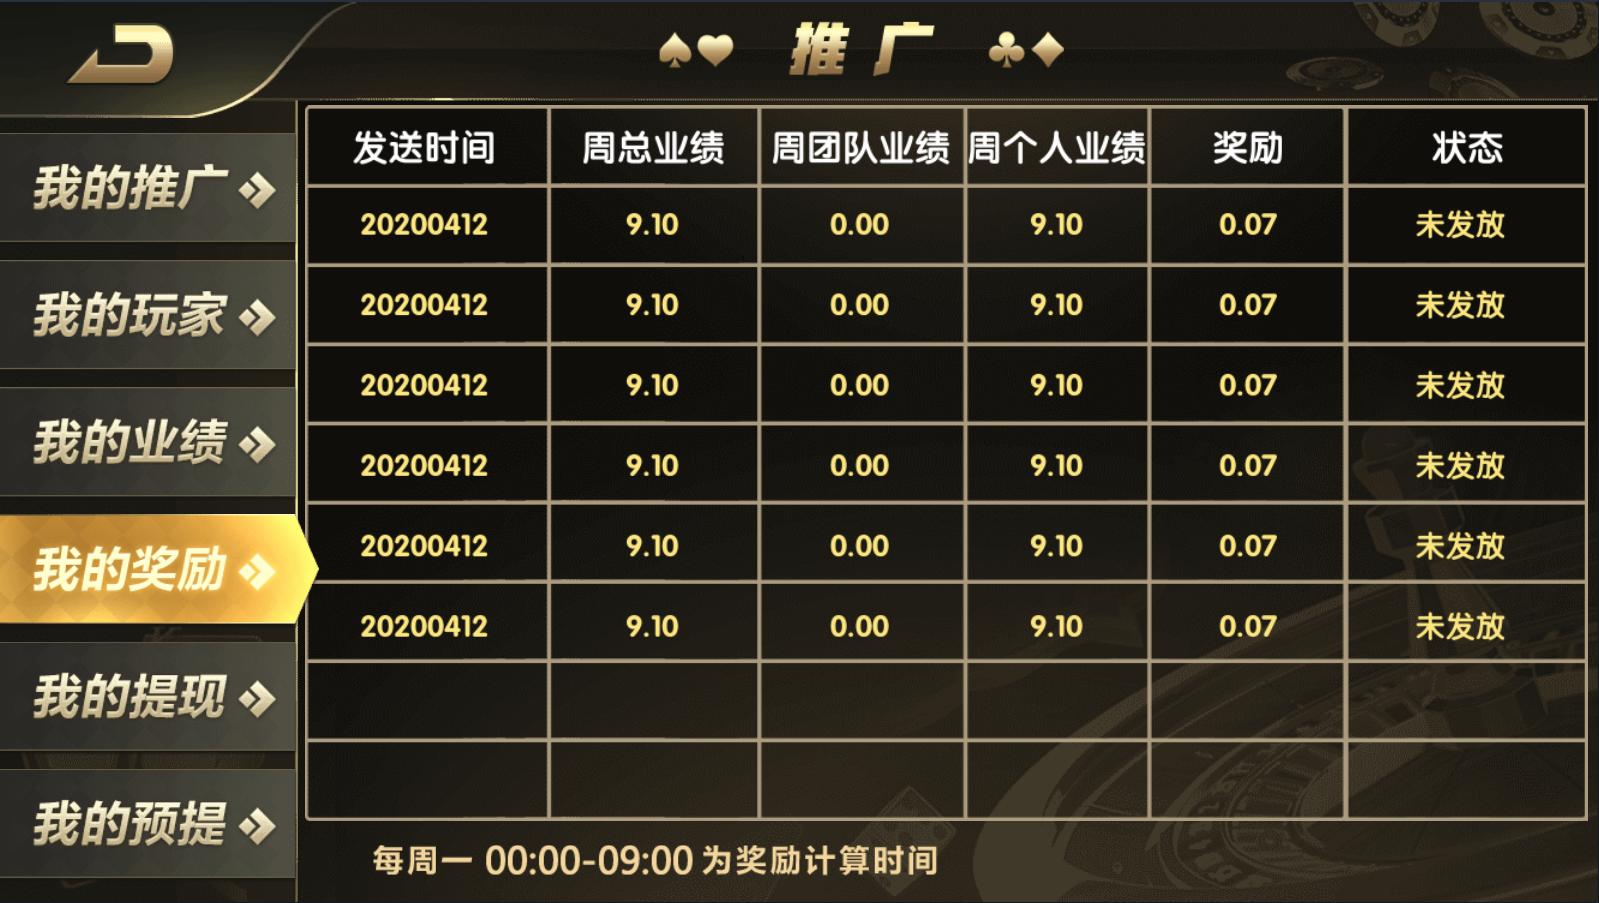 【服务器完整打包】最新更新豪胜娱乐二开ui版棋牌组件+完整数据 双端需解密-第10张